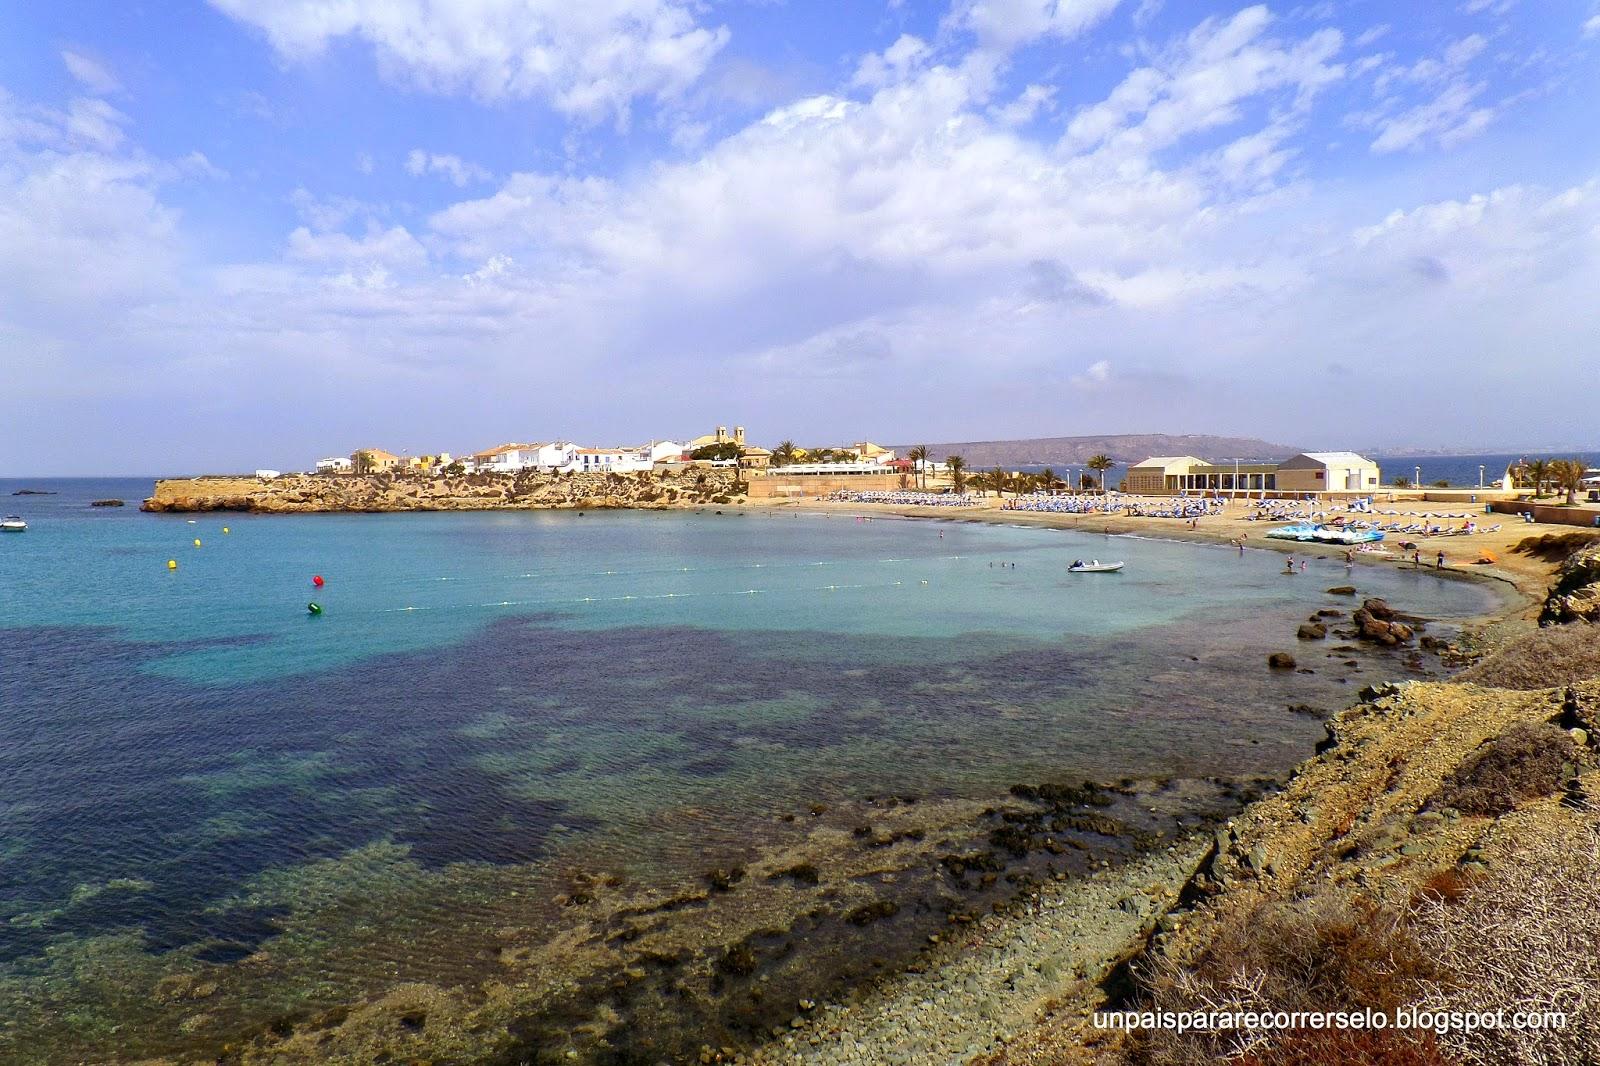 Un pa s para recorr rselo isla de nueva tabarca alicante - Hoteles en isla tabarca ...